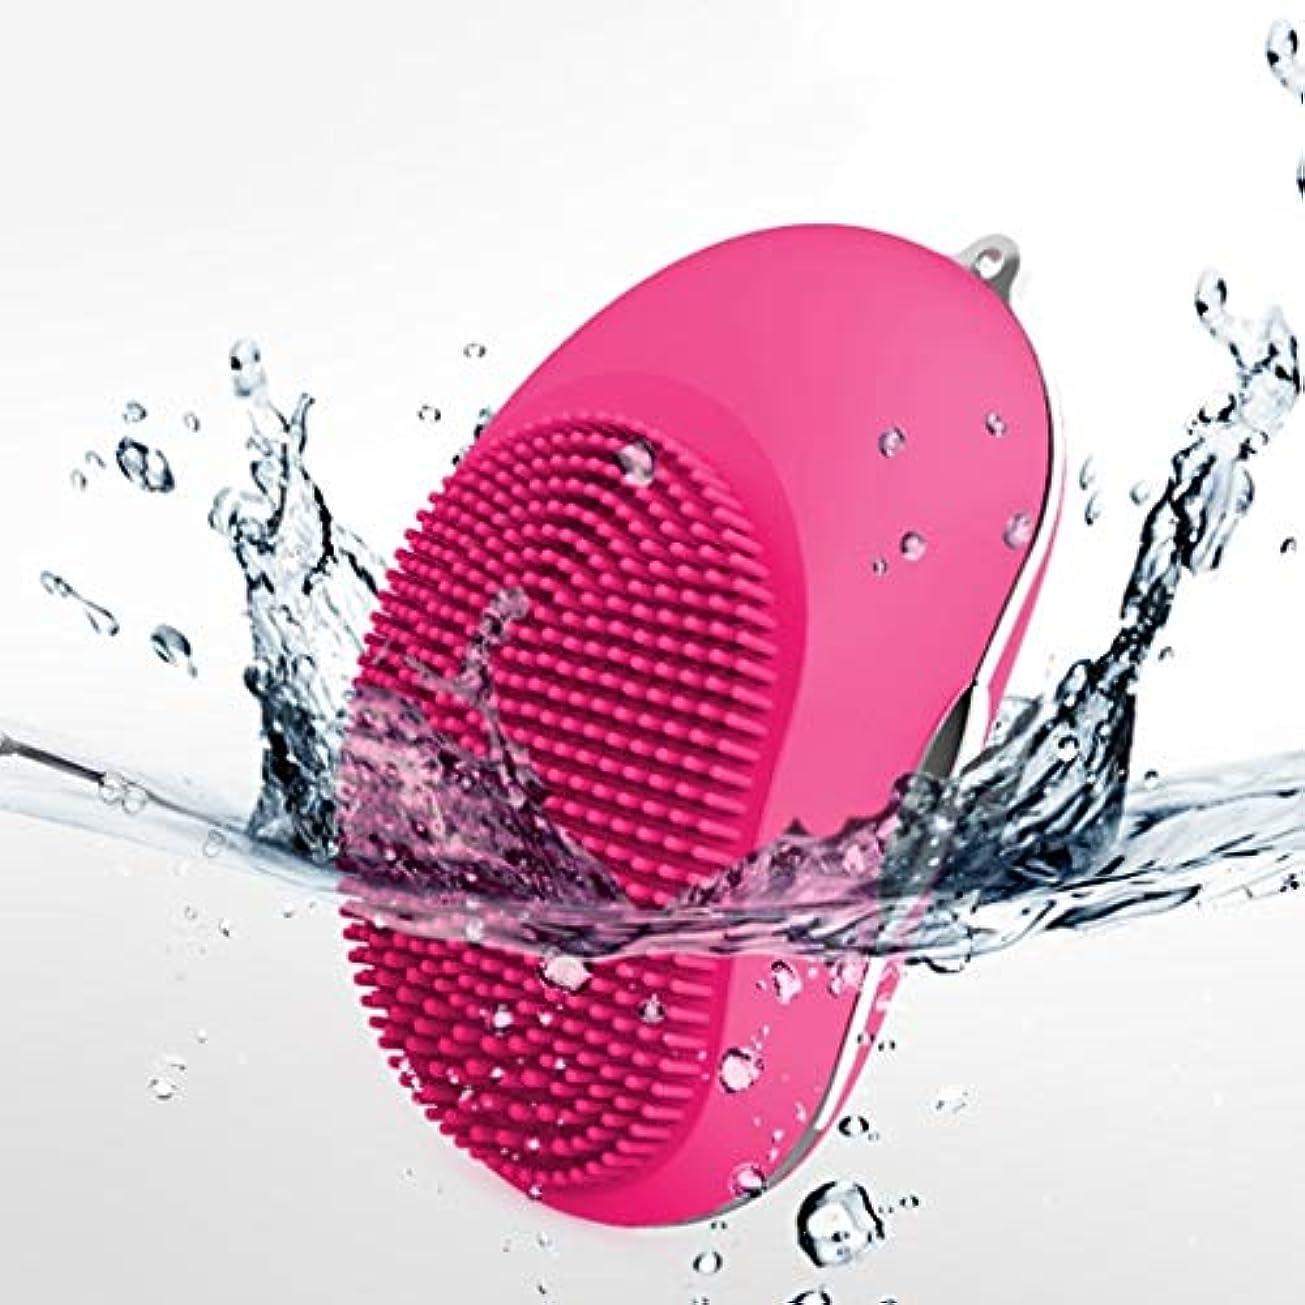 ほのめかす入学する非効率的な電気シリコーンクレンジングインスツルメント、ポータブルシリコンUsbフェイシャルマッサージャー超音波洗浄ディープエクスフォリエイティングジェントル&クレンジングフェイシャルフォースキンタイプ (Color : Rose)